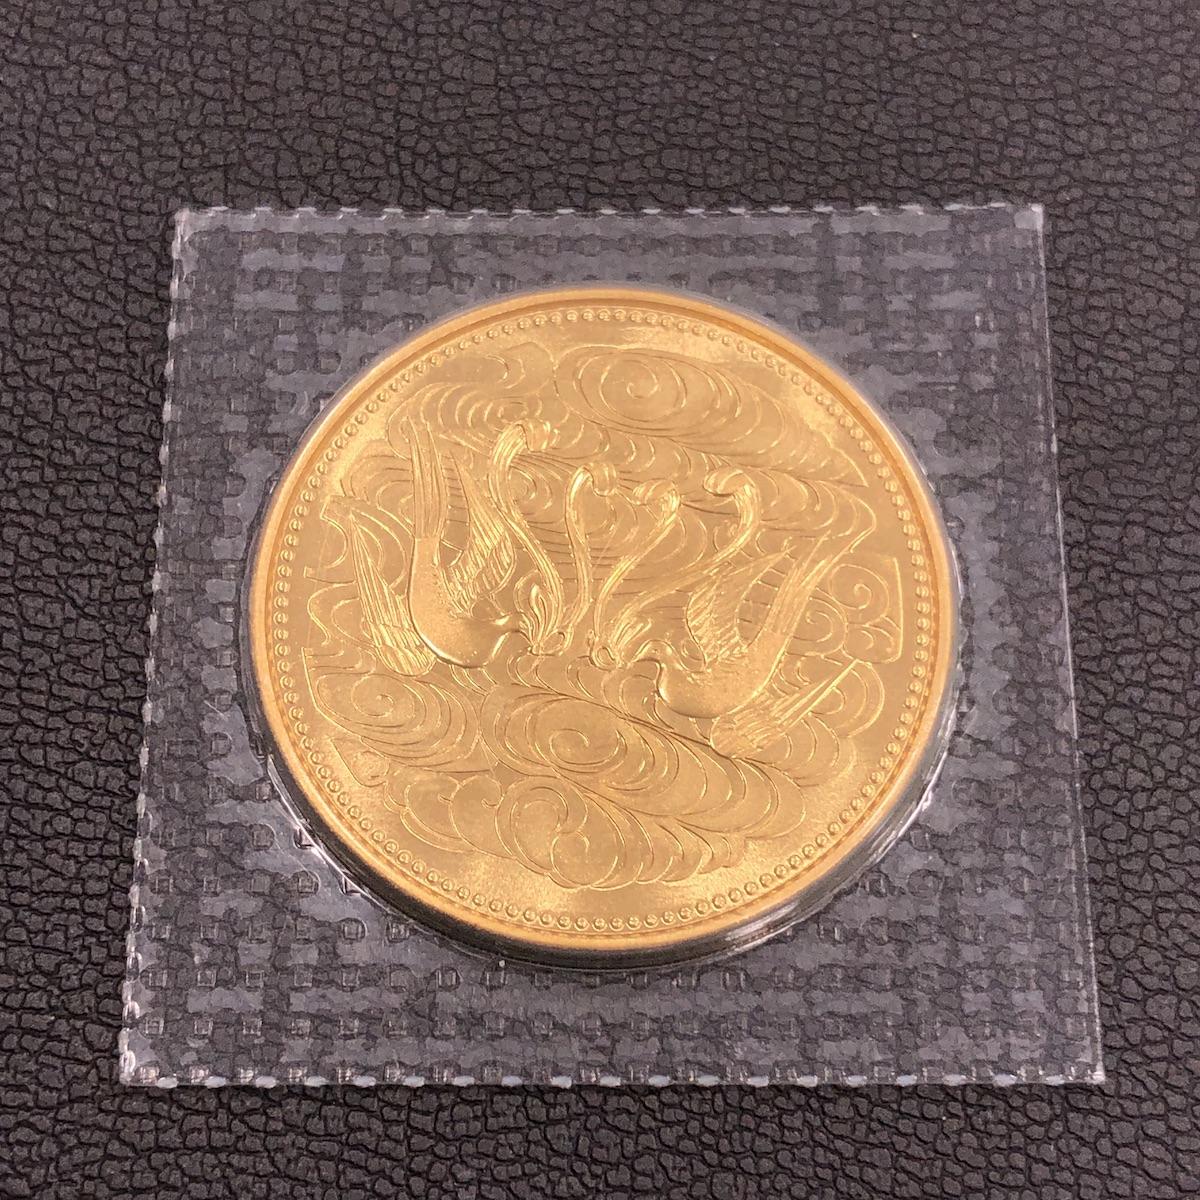 天皇陛下御在位60年記念金貨